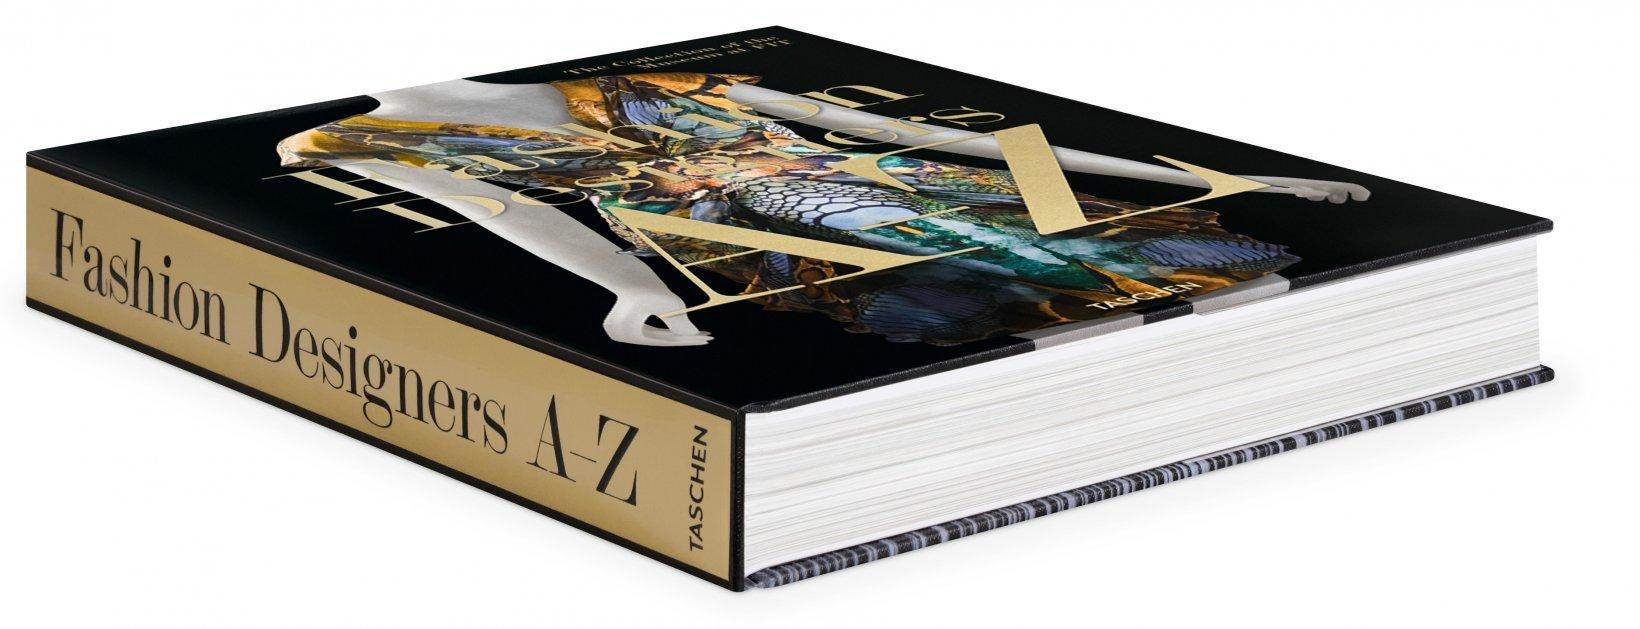 fashion designer A to Z taschen fashion book